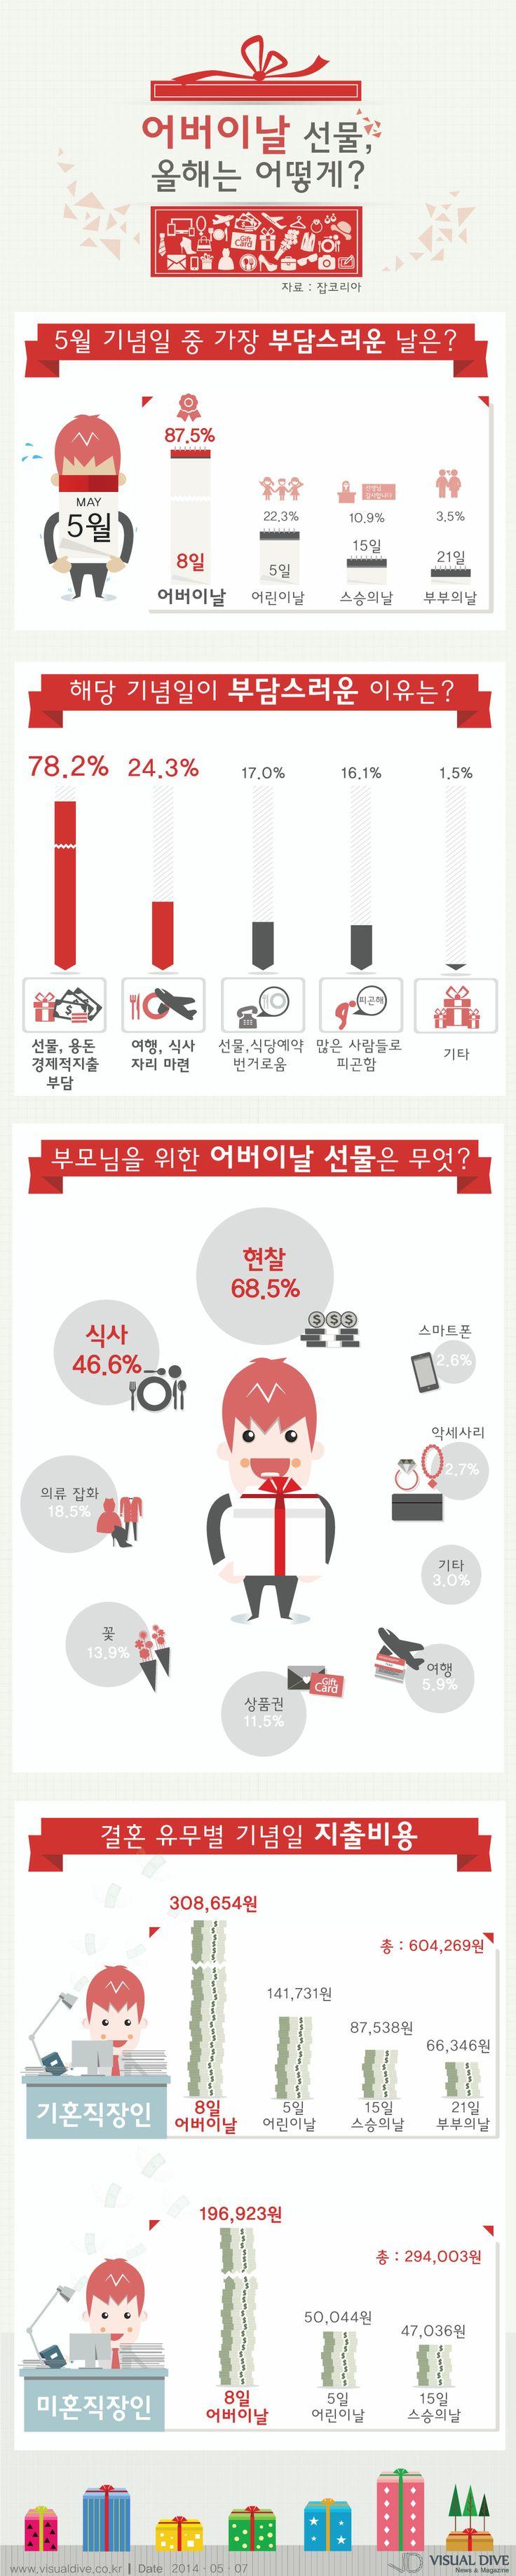 직장인 가정의 달 예상 지출비용 60만원 '어버이날 가장 큰 부담' [인포그래픽] #gift #Infographic ⓒ 비주얼다이브 무단 복사·전재·재배포